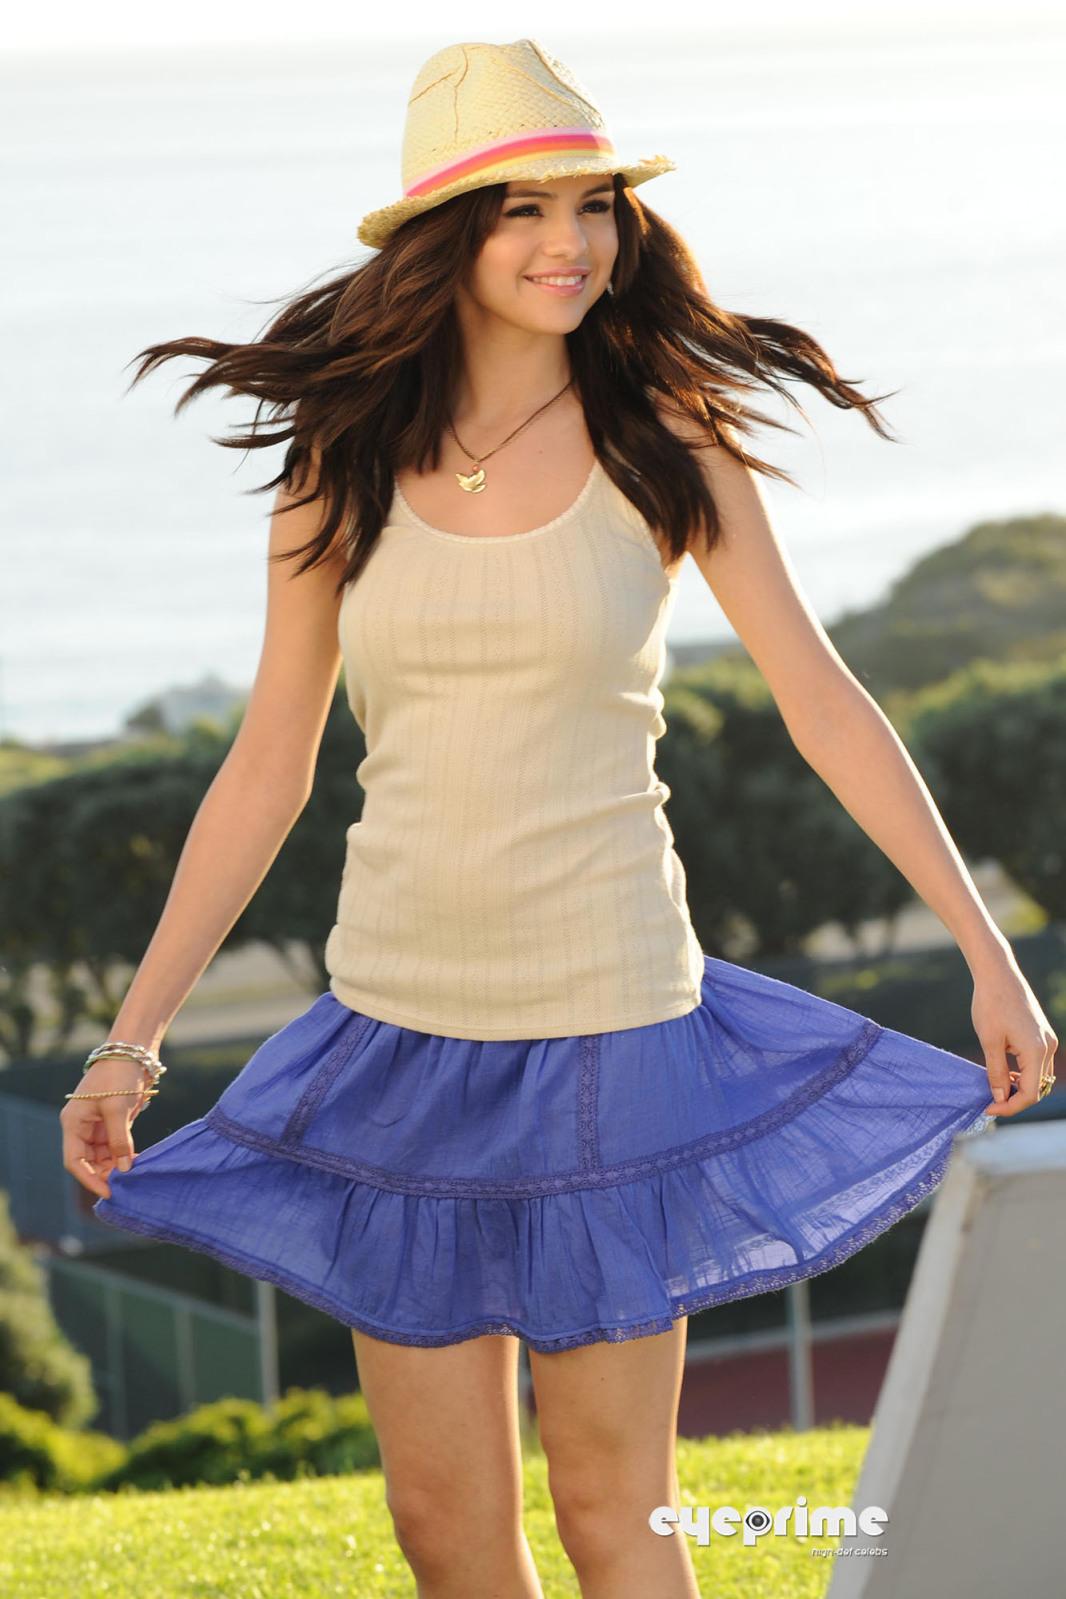 Pakistan Fashion Selena Gomez Outfits